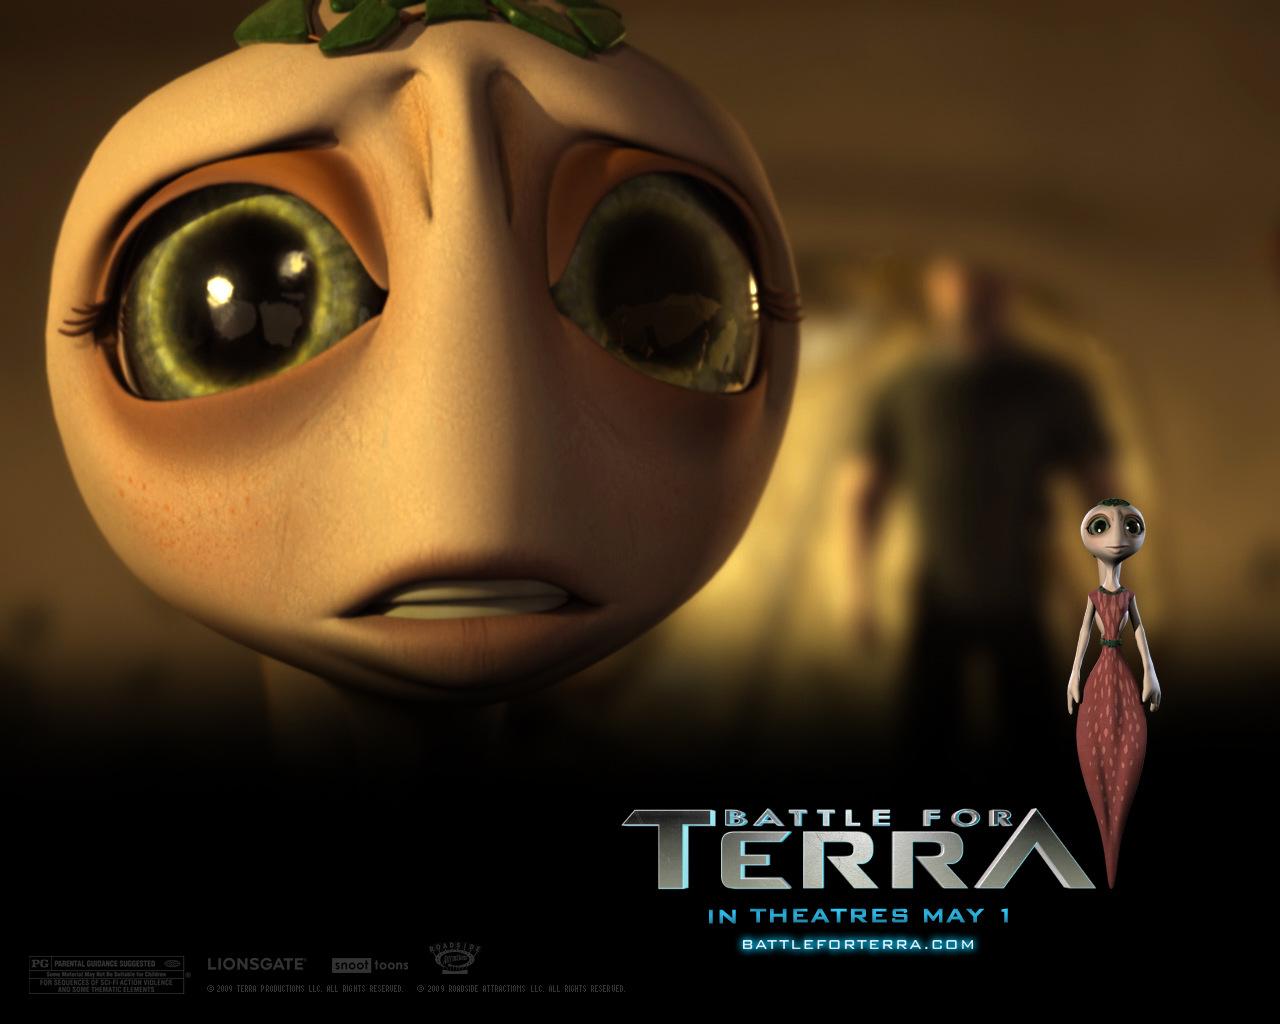 Battle for Terra fondo de pantalla